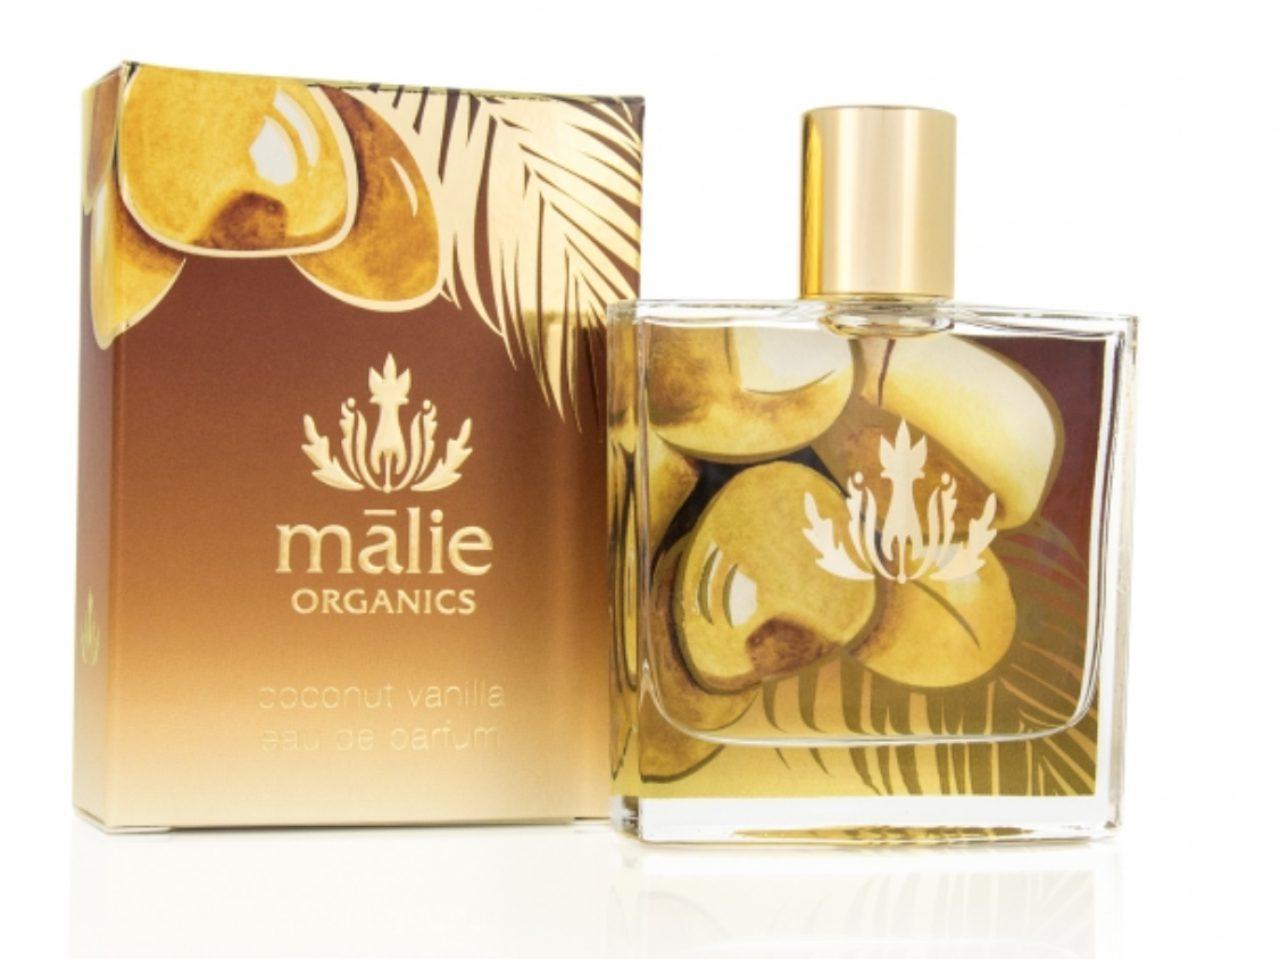 画像: ■ オードパルファン (8月末 発売予定) ハワイに自生する植物や有機農法により育てられた植物を主に使用して 作られたパルファンには、一滴一滴にハワイの楽園のエッセンスが込められています。うっとりするようなアロマの香りが一日中優しく香ります。 ・ 香り: ココナッツバニラ / コケエ / マンゴーネクター/ピカケ / プルメリア / ハイビスカス ・ 価格: 6,800円(税別)